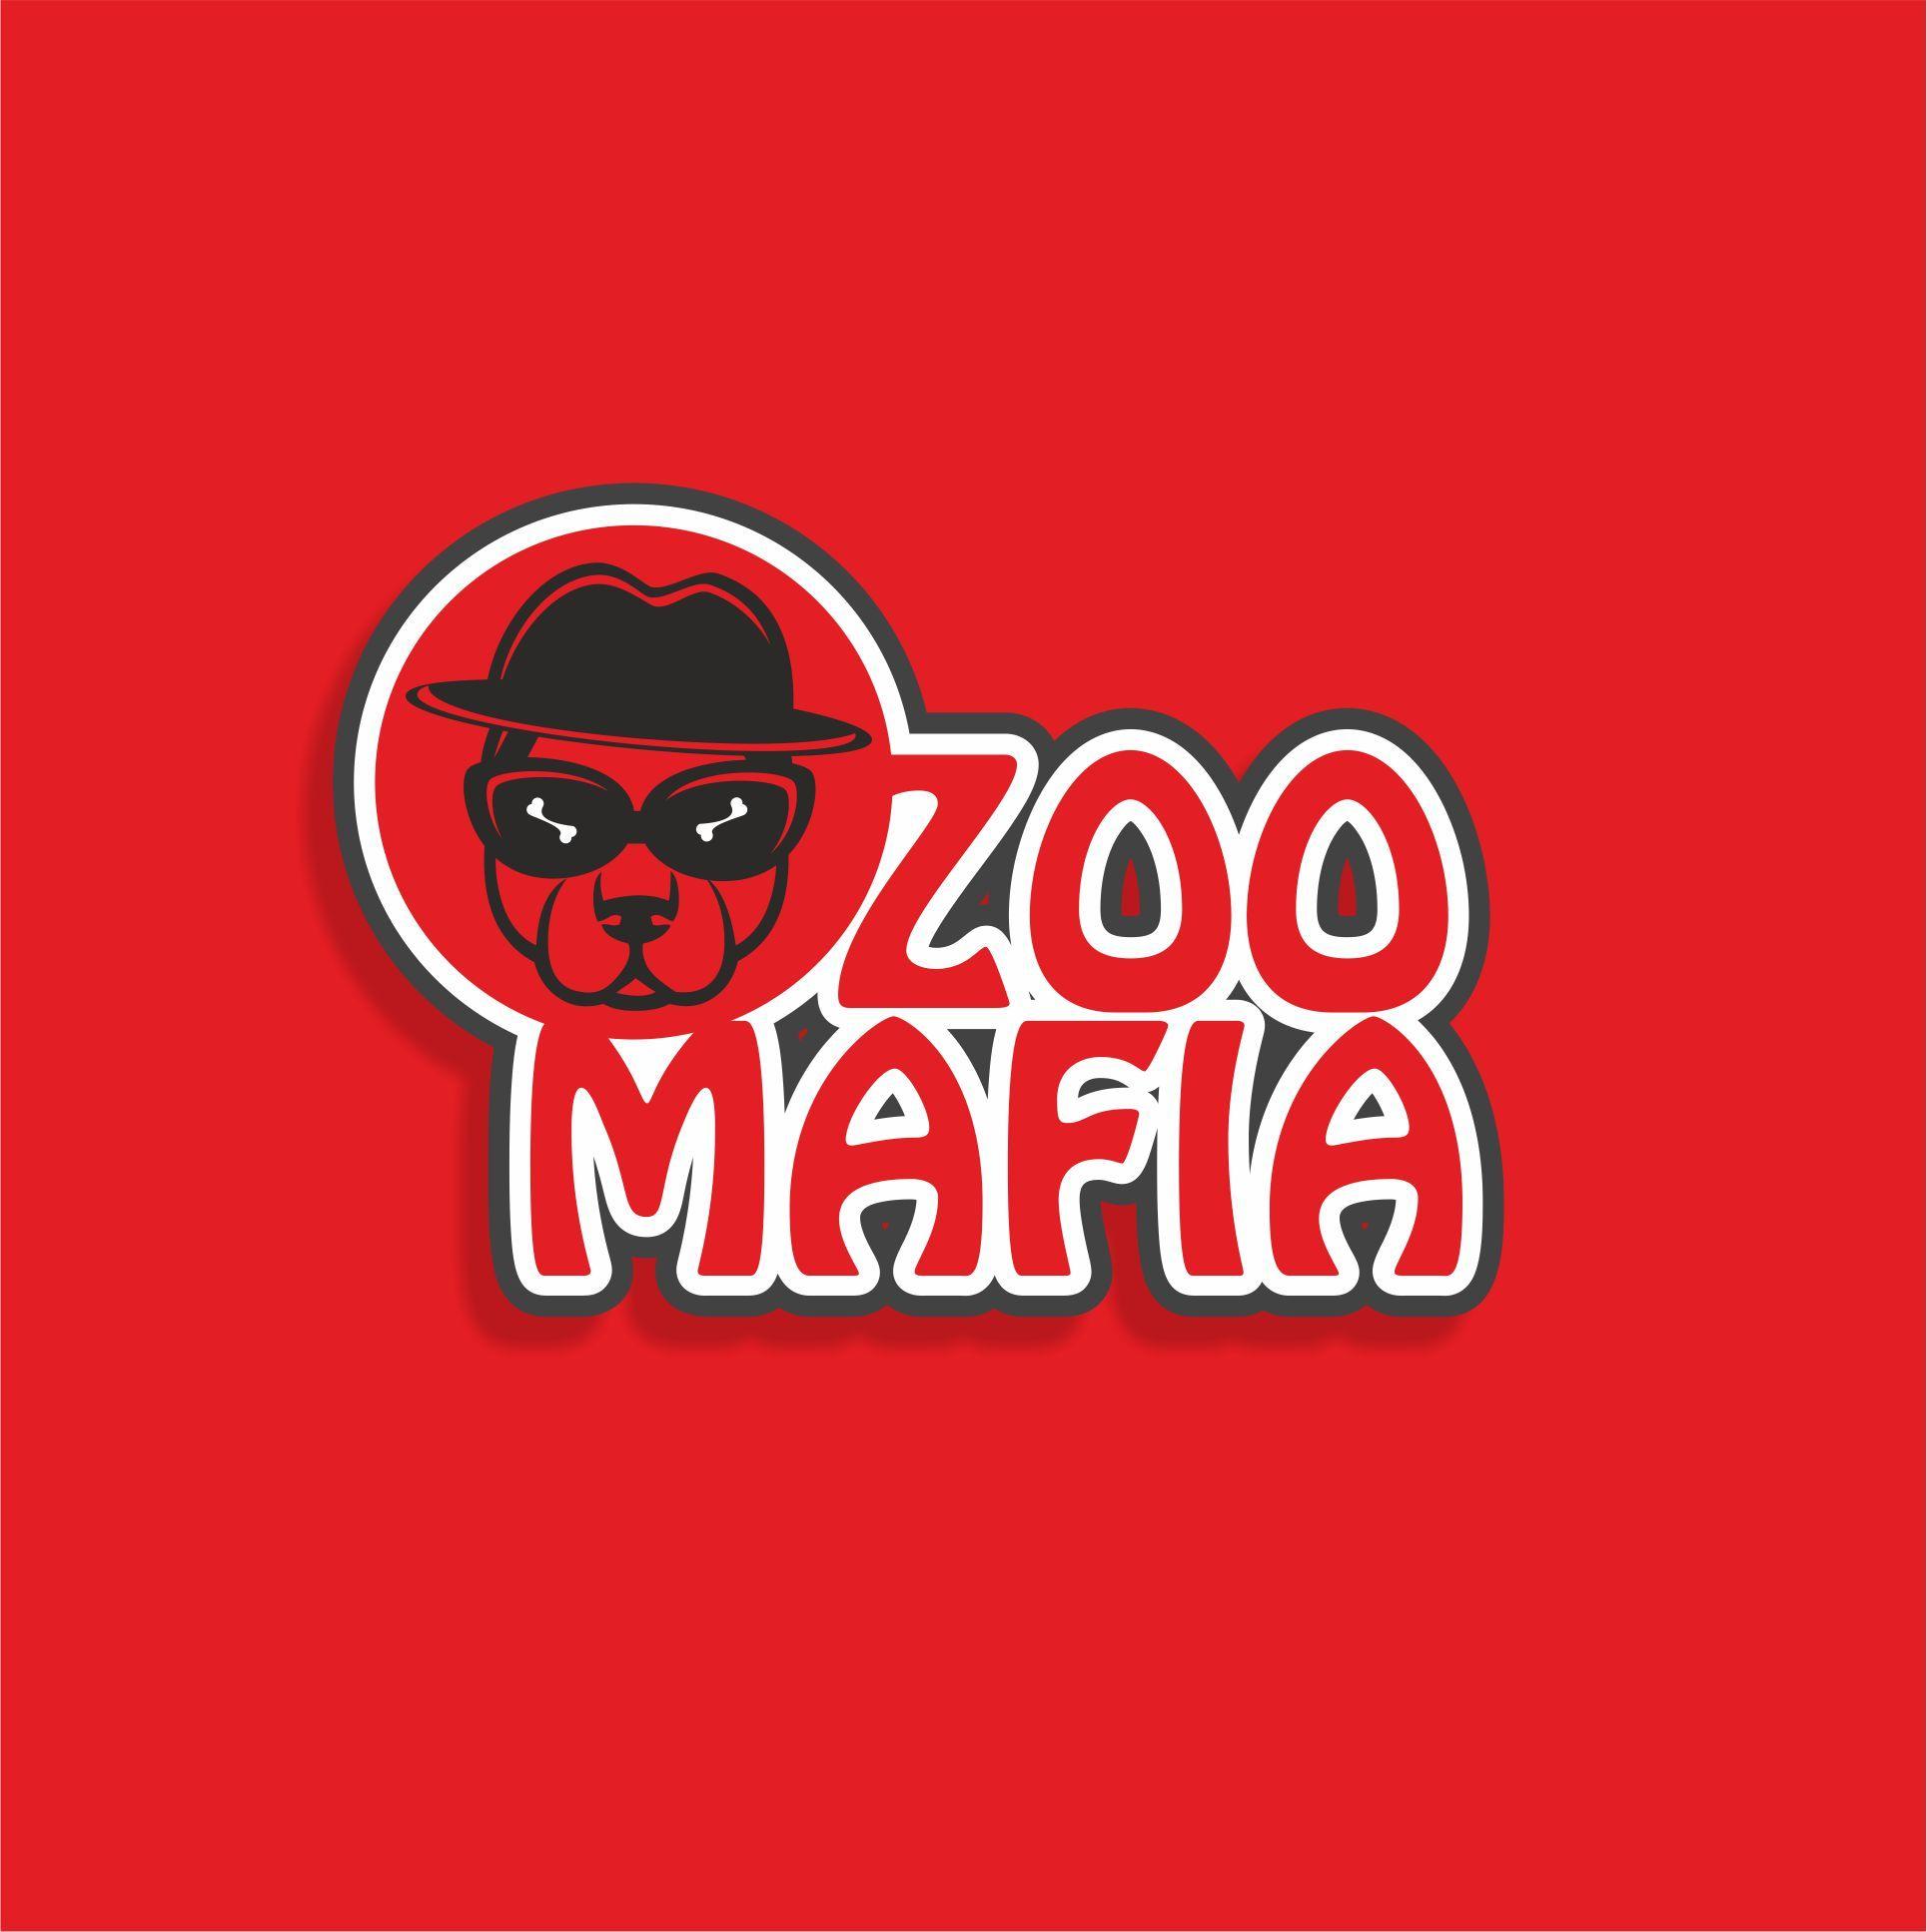 Логотип для интернет магазина зоотоваров - дизайнер dbyjuhfl